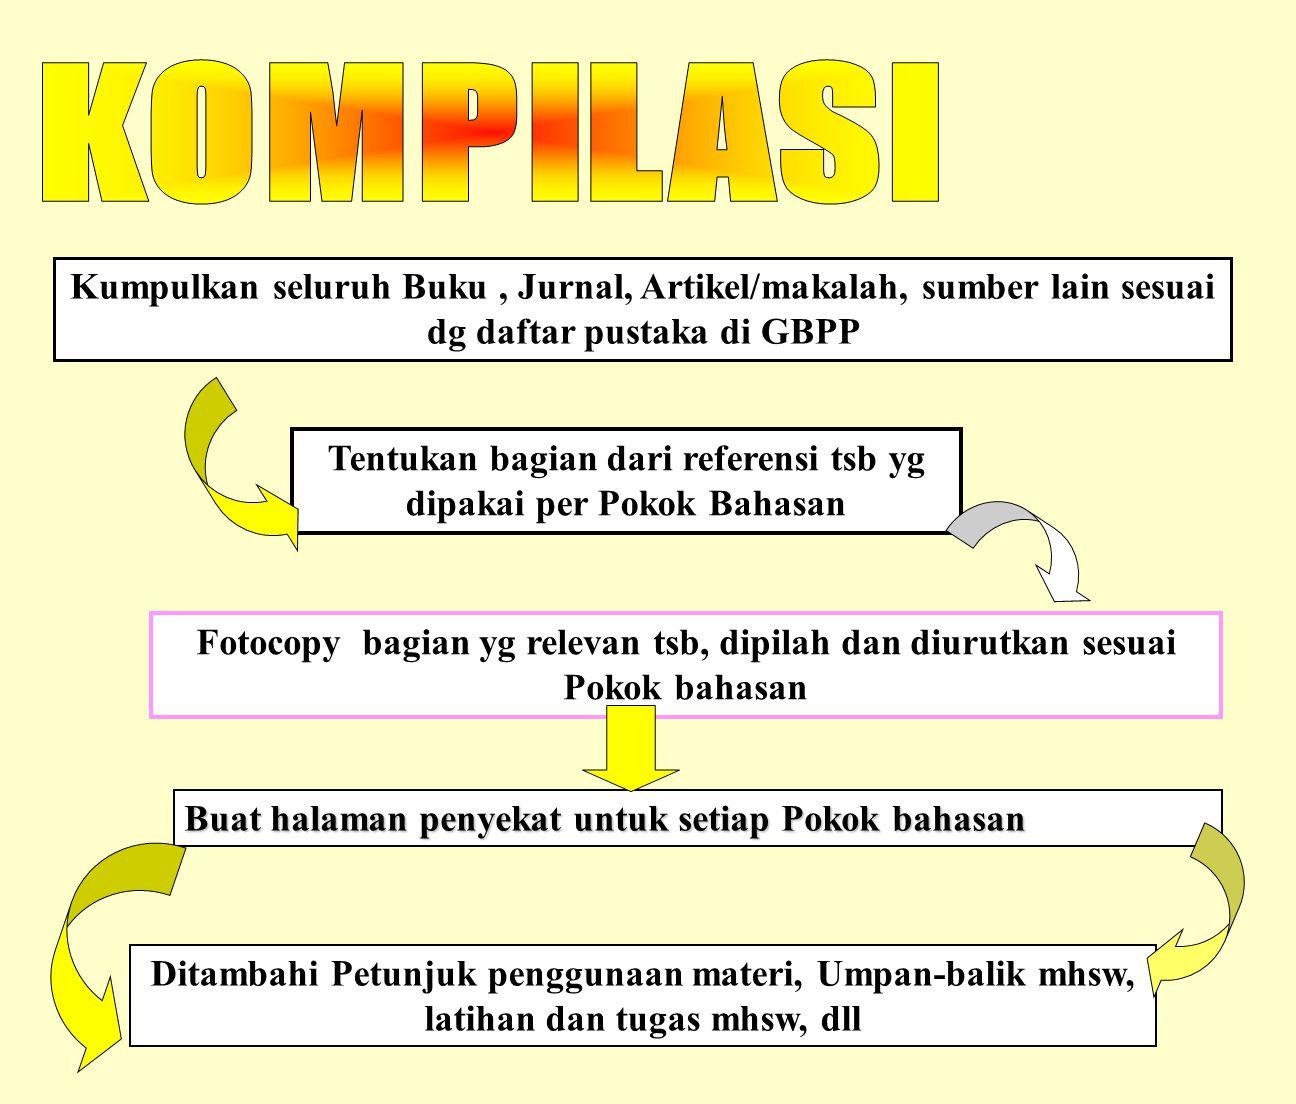 Tentukan bagian dari referensi tsb yg dipakai per Pokok Bahasan